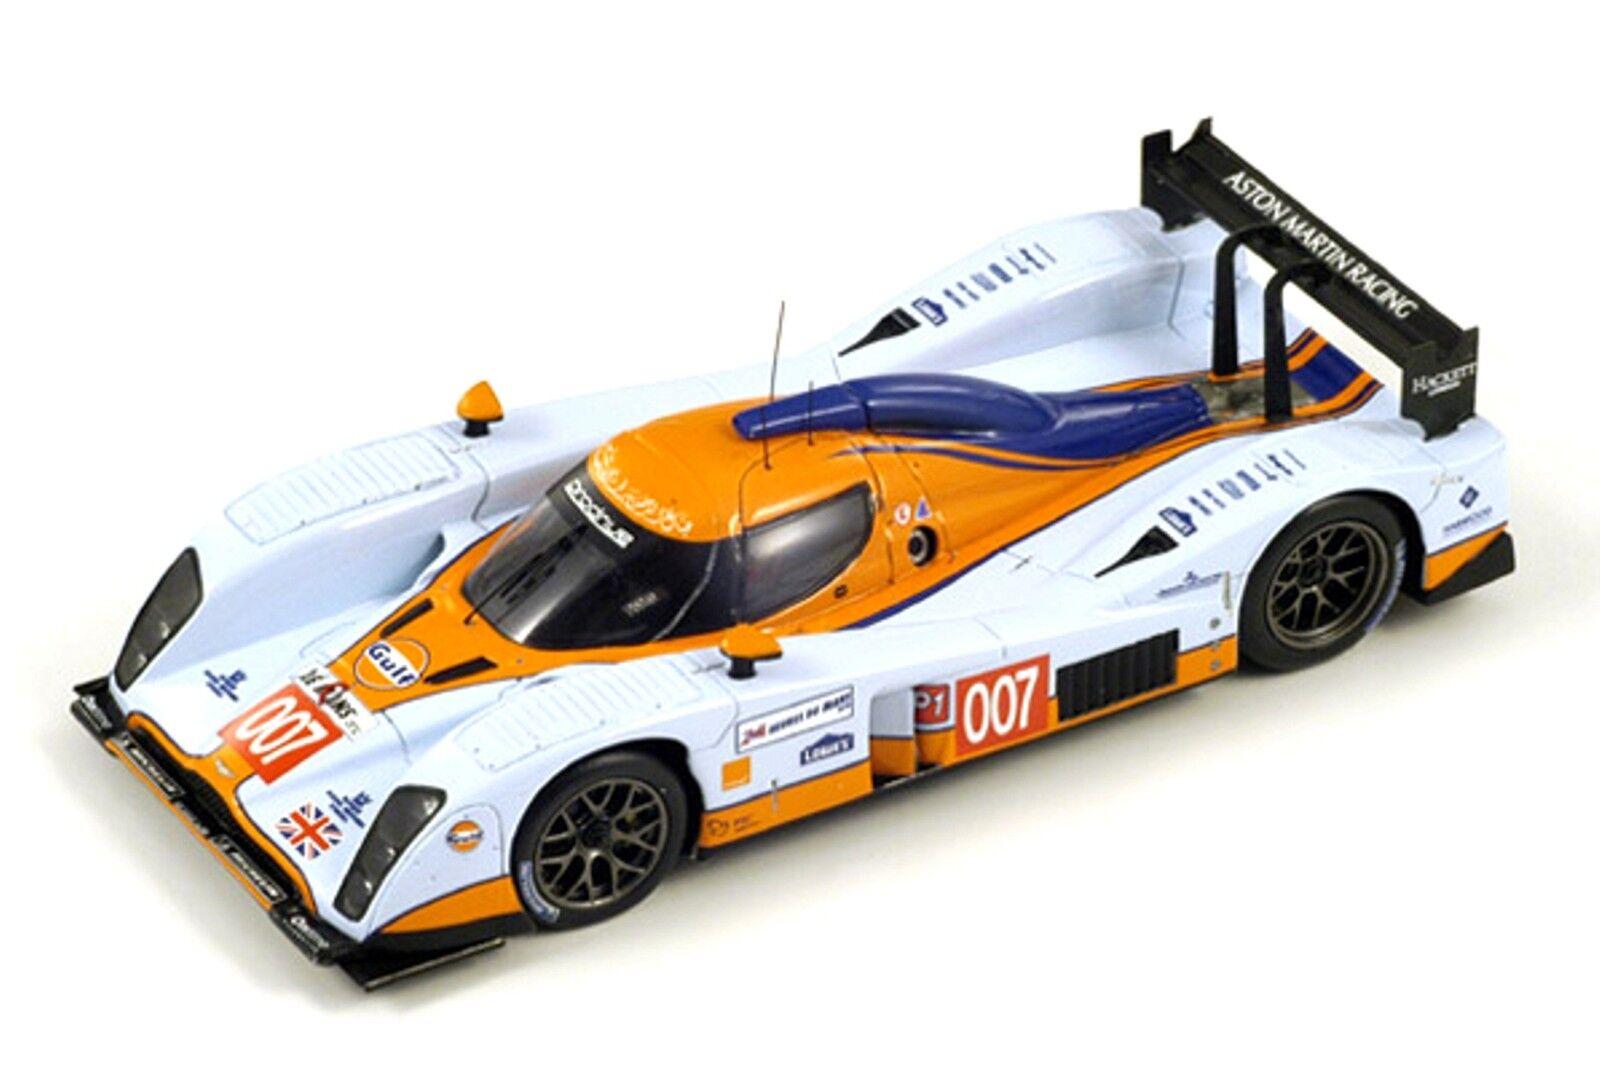 Aston Martin AMR N°007 6ème  Le Mans 2010 1 43 Spark  jusqu'à 60% de réduction